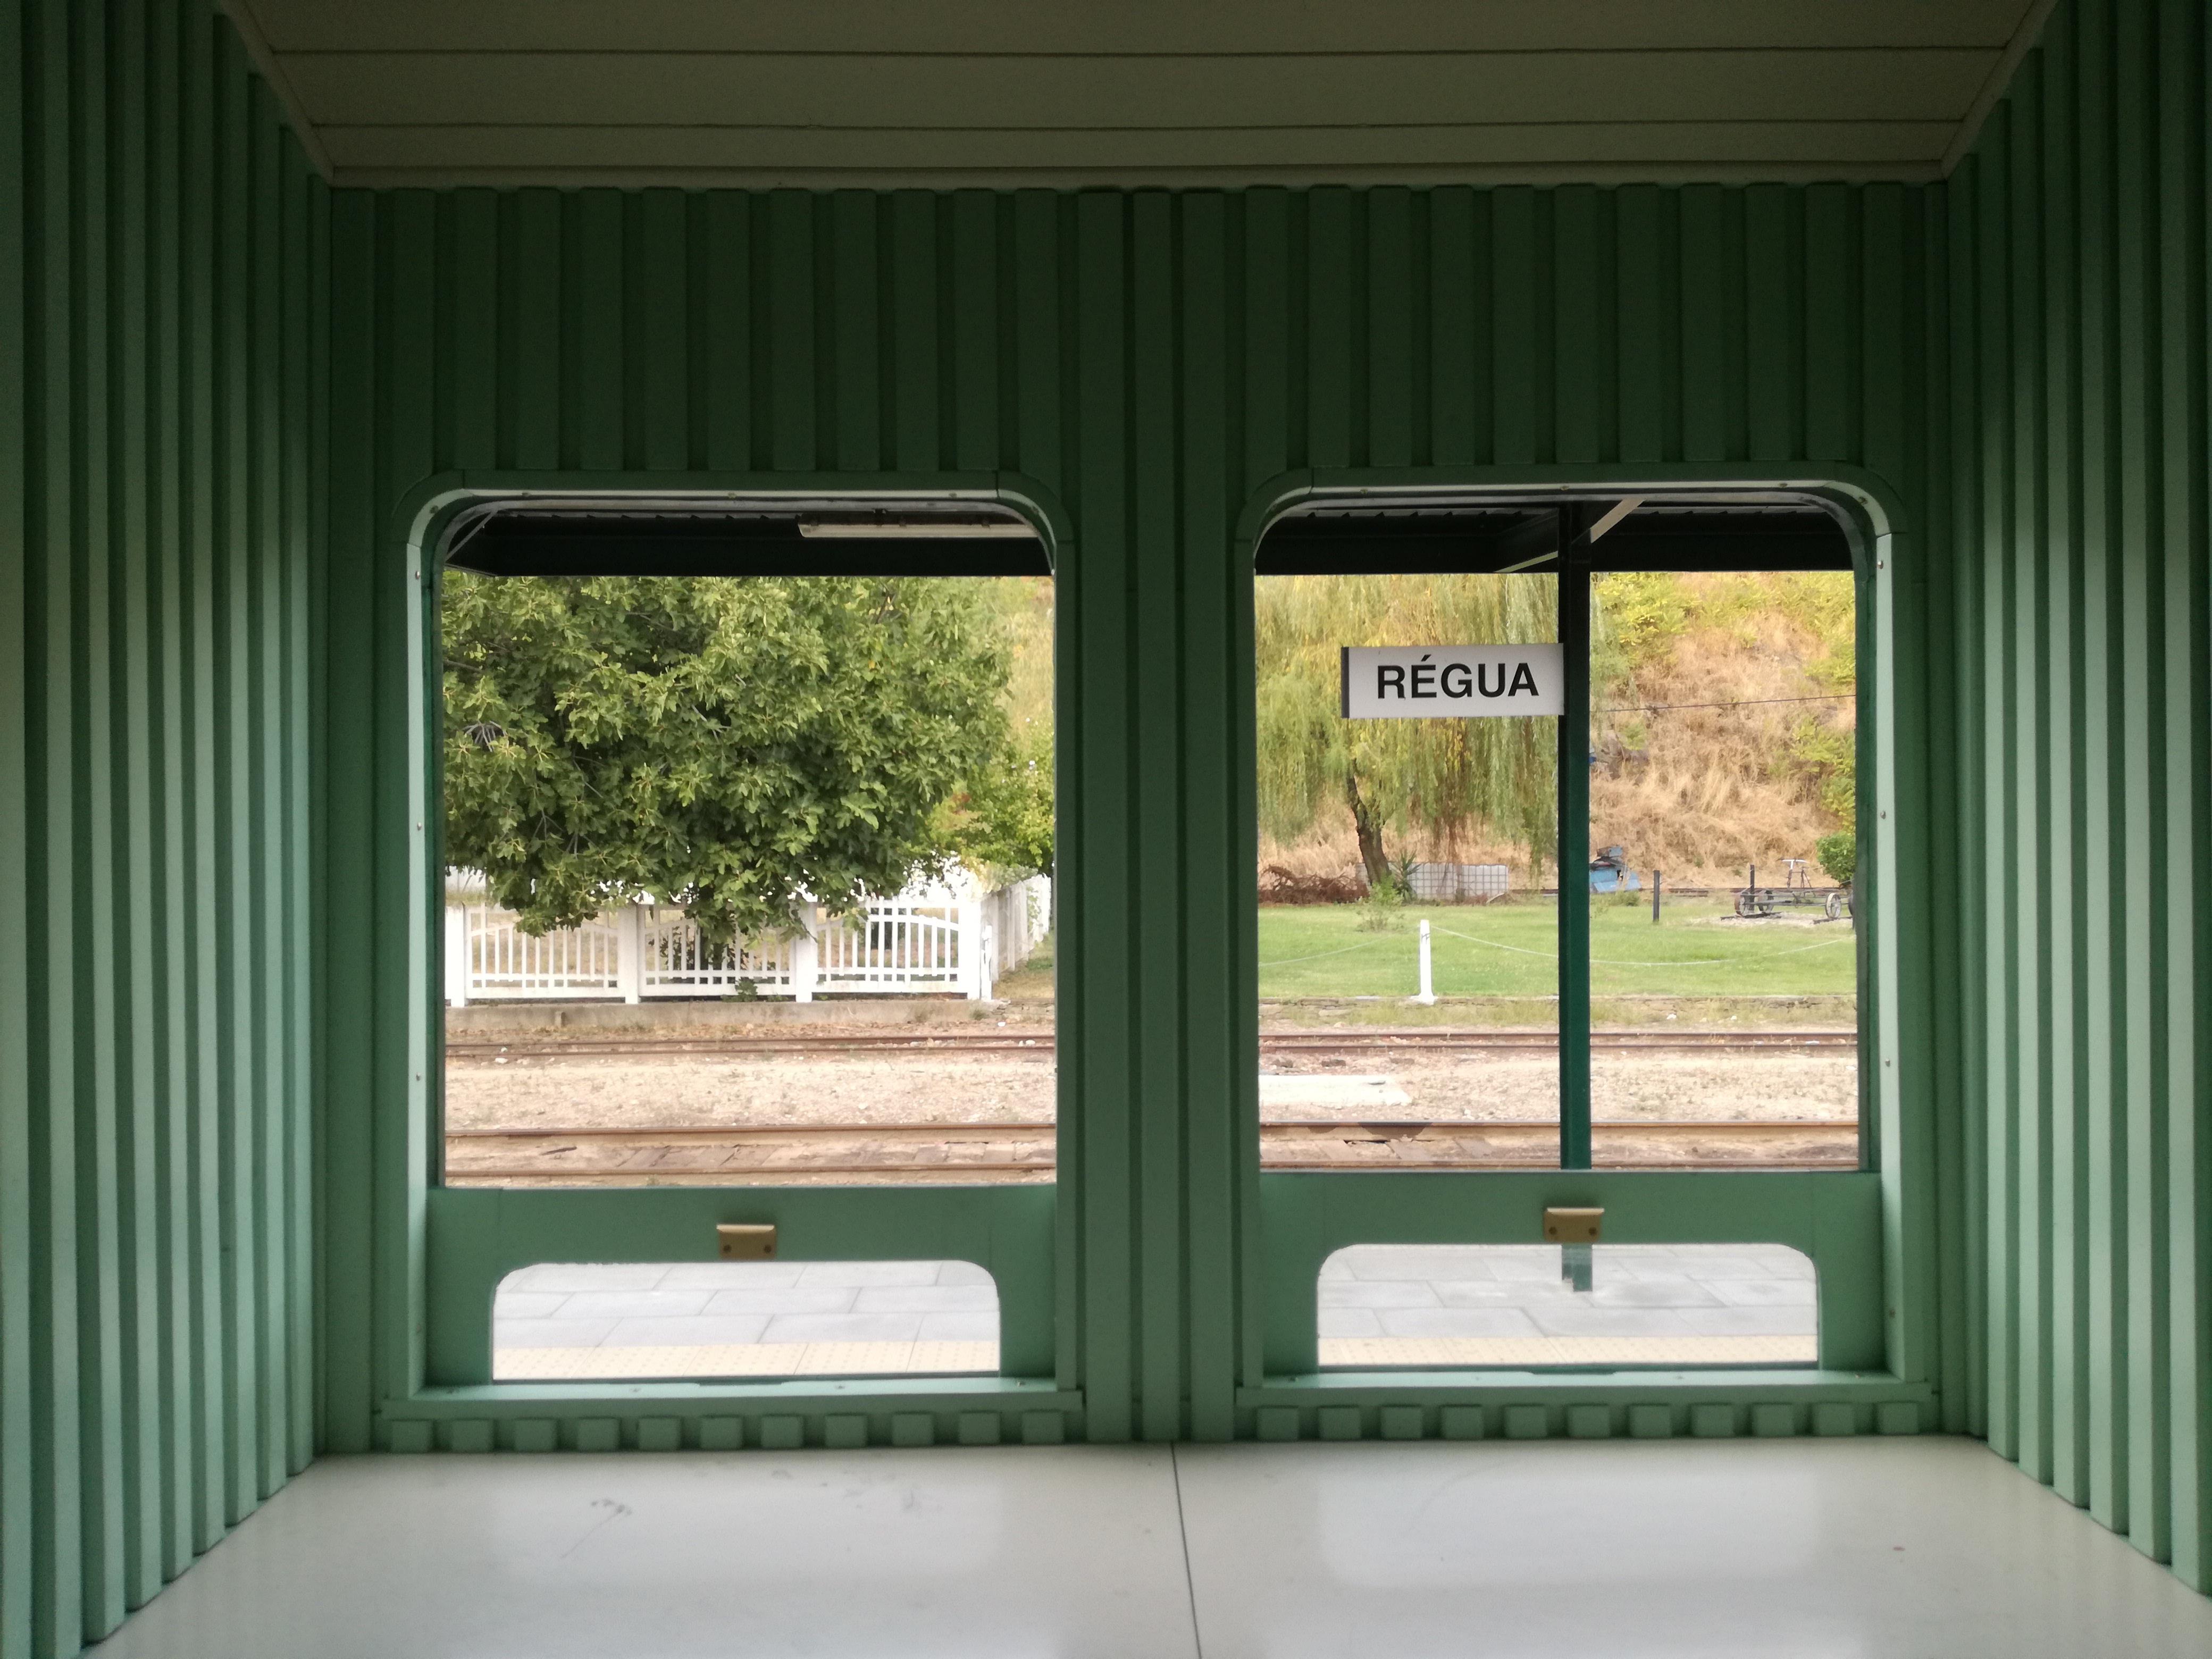 무료 이미지 : 목재, 집, 녹색, 커튼, 방, 인테리어 디자인 ...